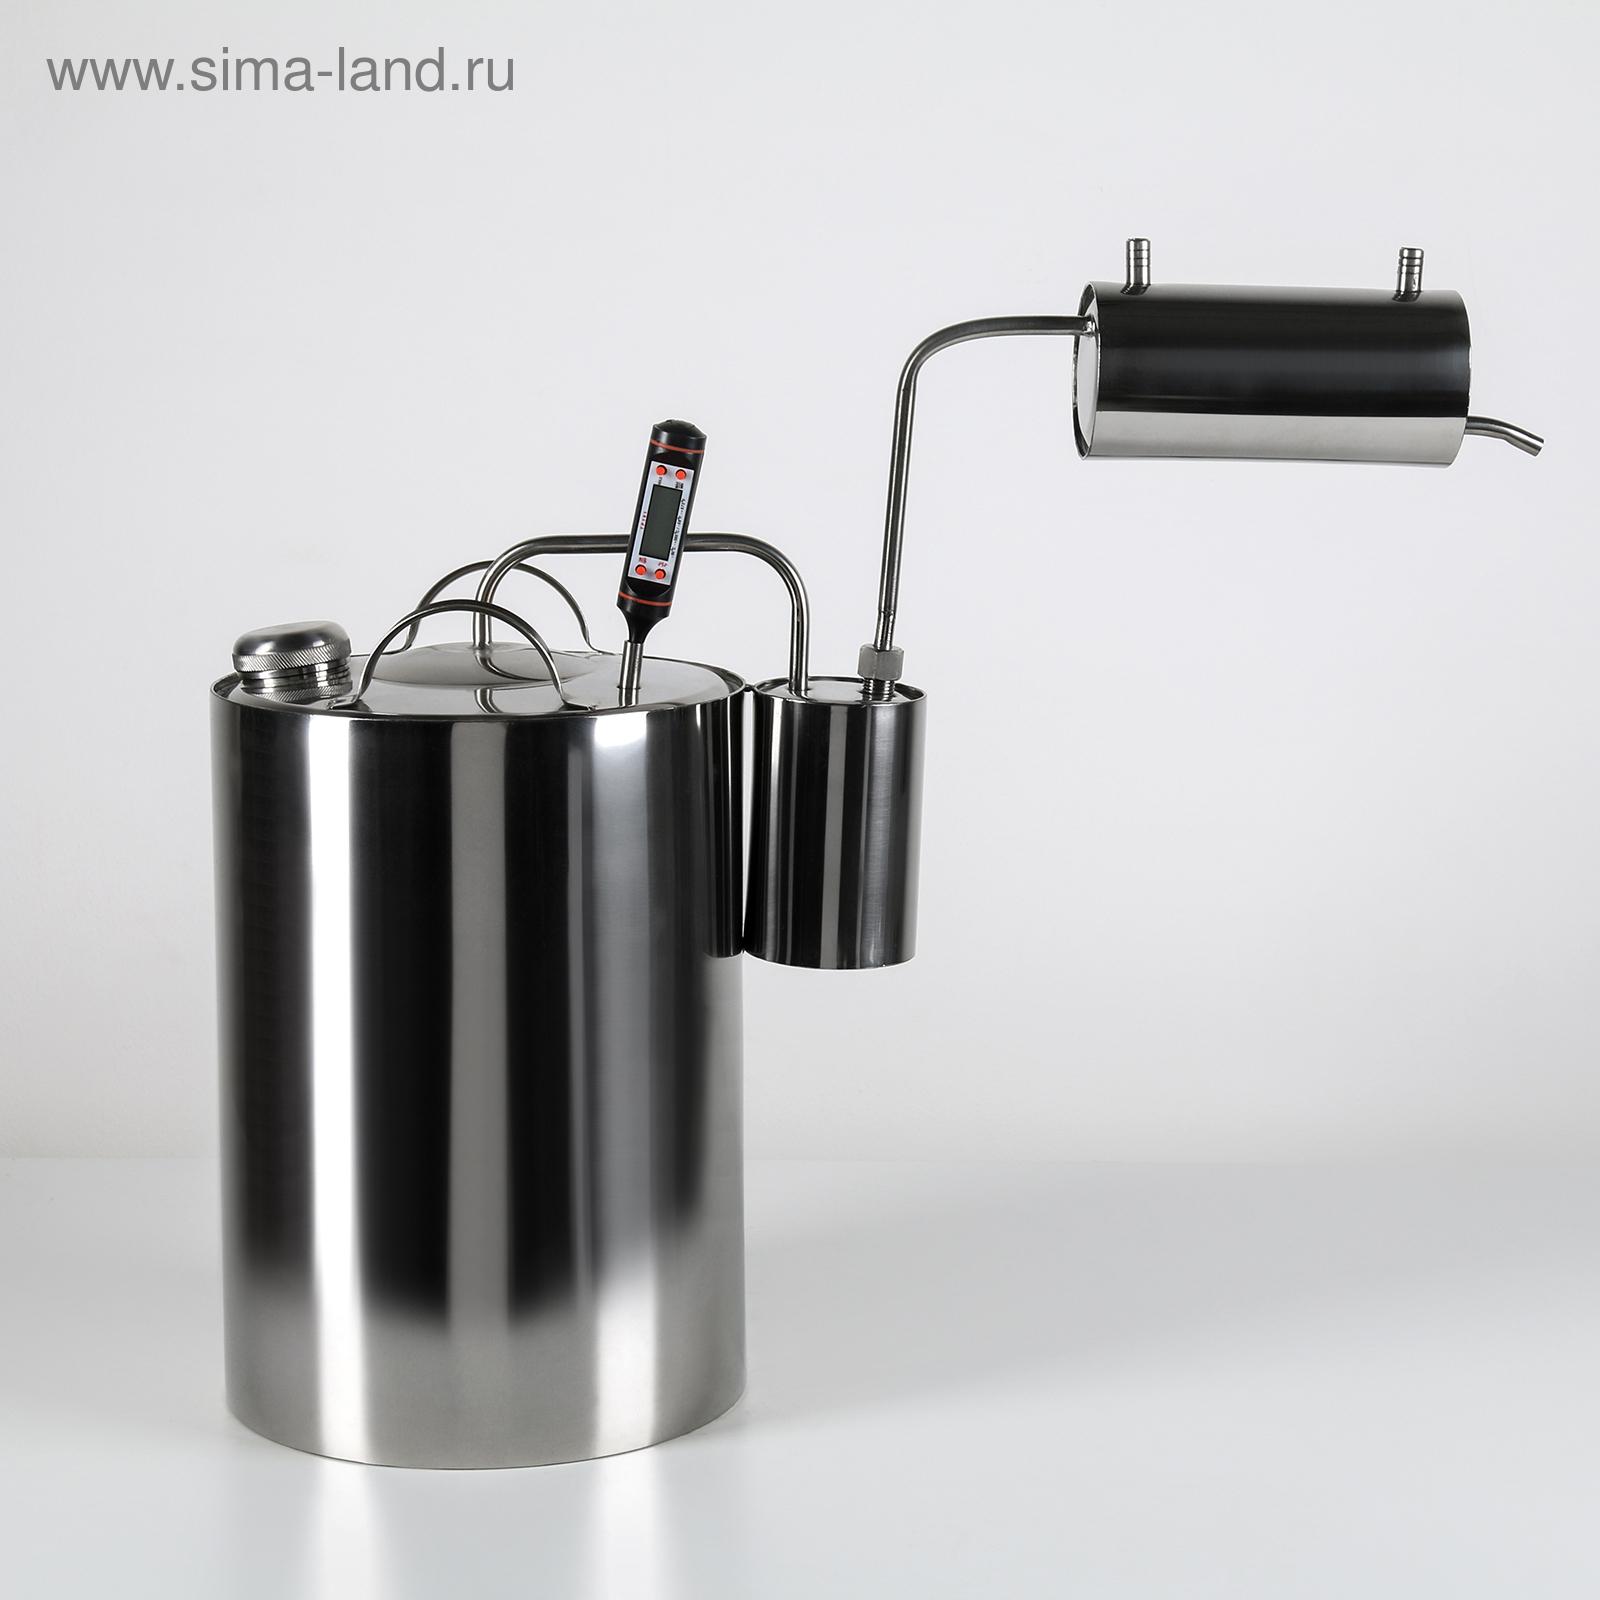 Паганини самогонный аппарат электрические коптильни для дома горячего и холодного копчения купить